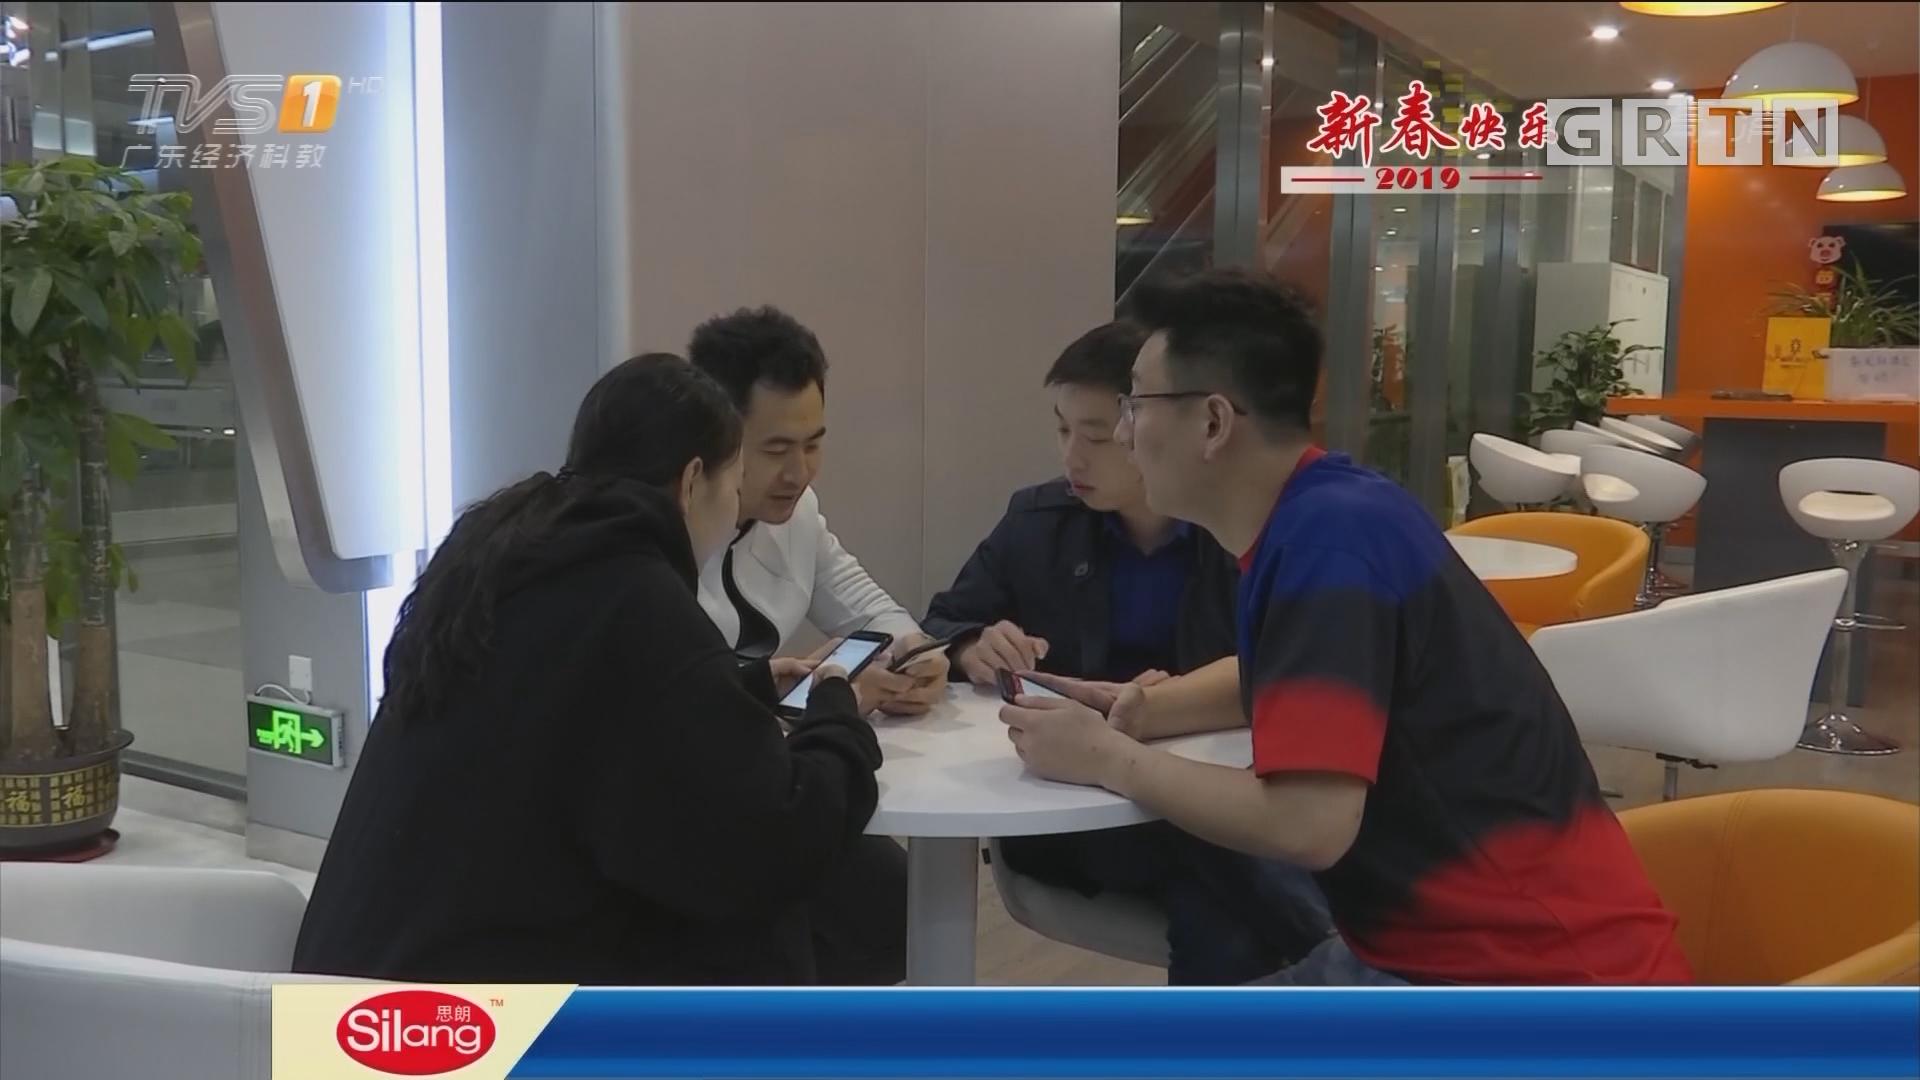 过年红包:除夕夜深圳、广州收发红包 全国第四第五